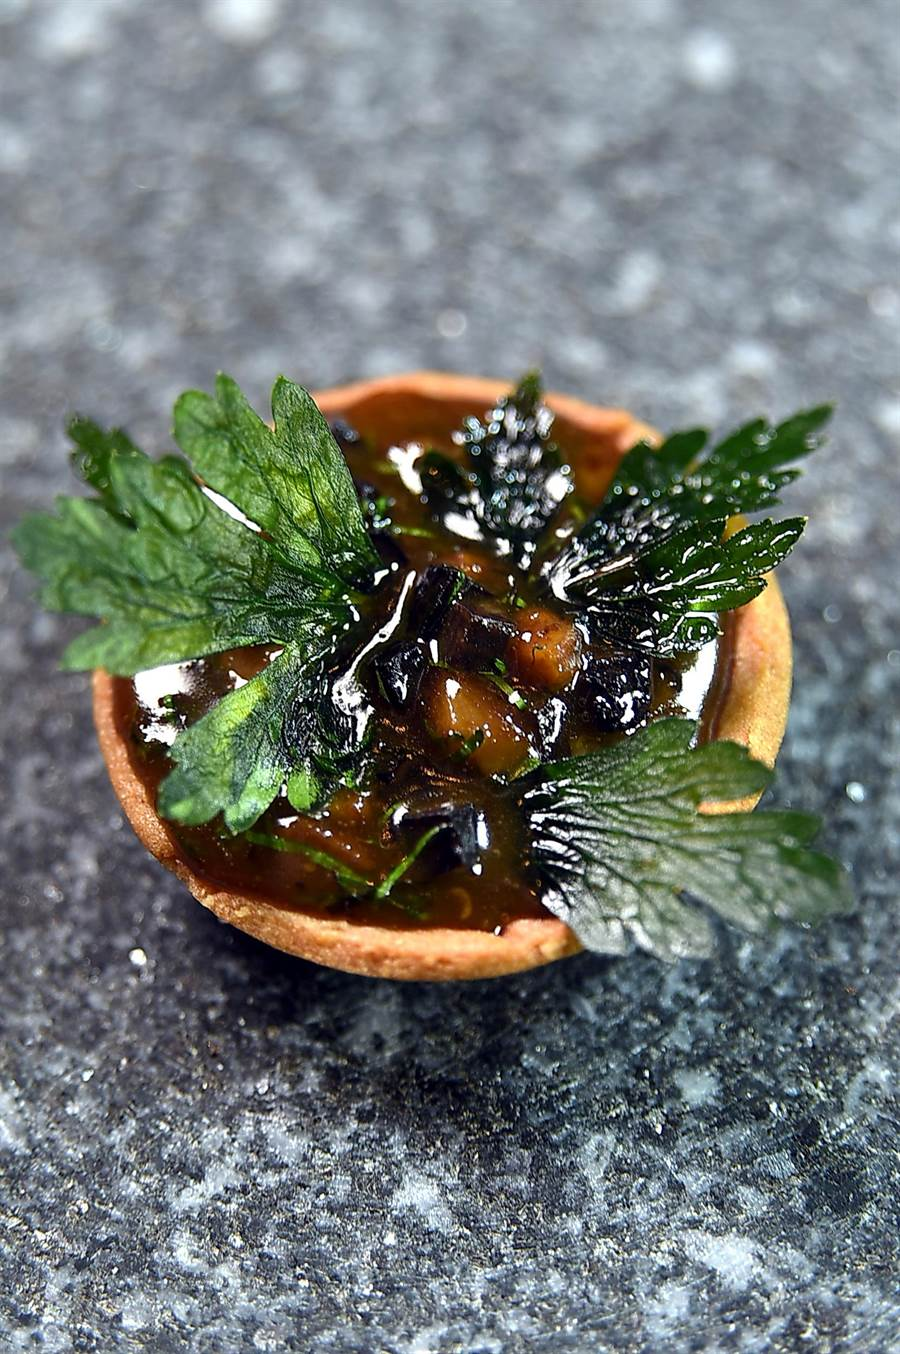 以雞冠丁作餡並用松露提味的〈高盧塔〉,作法源於改變法菜歷史的大師奧古斯特.艾斯考菲(Auguste Escorrier),是一經典菜式。(圖/姚舜)